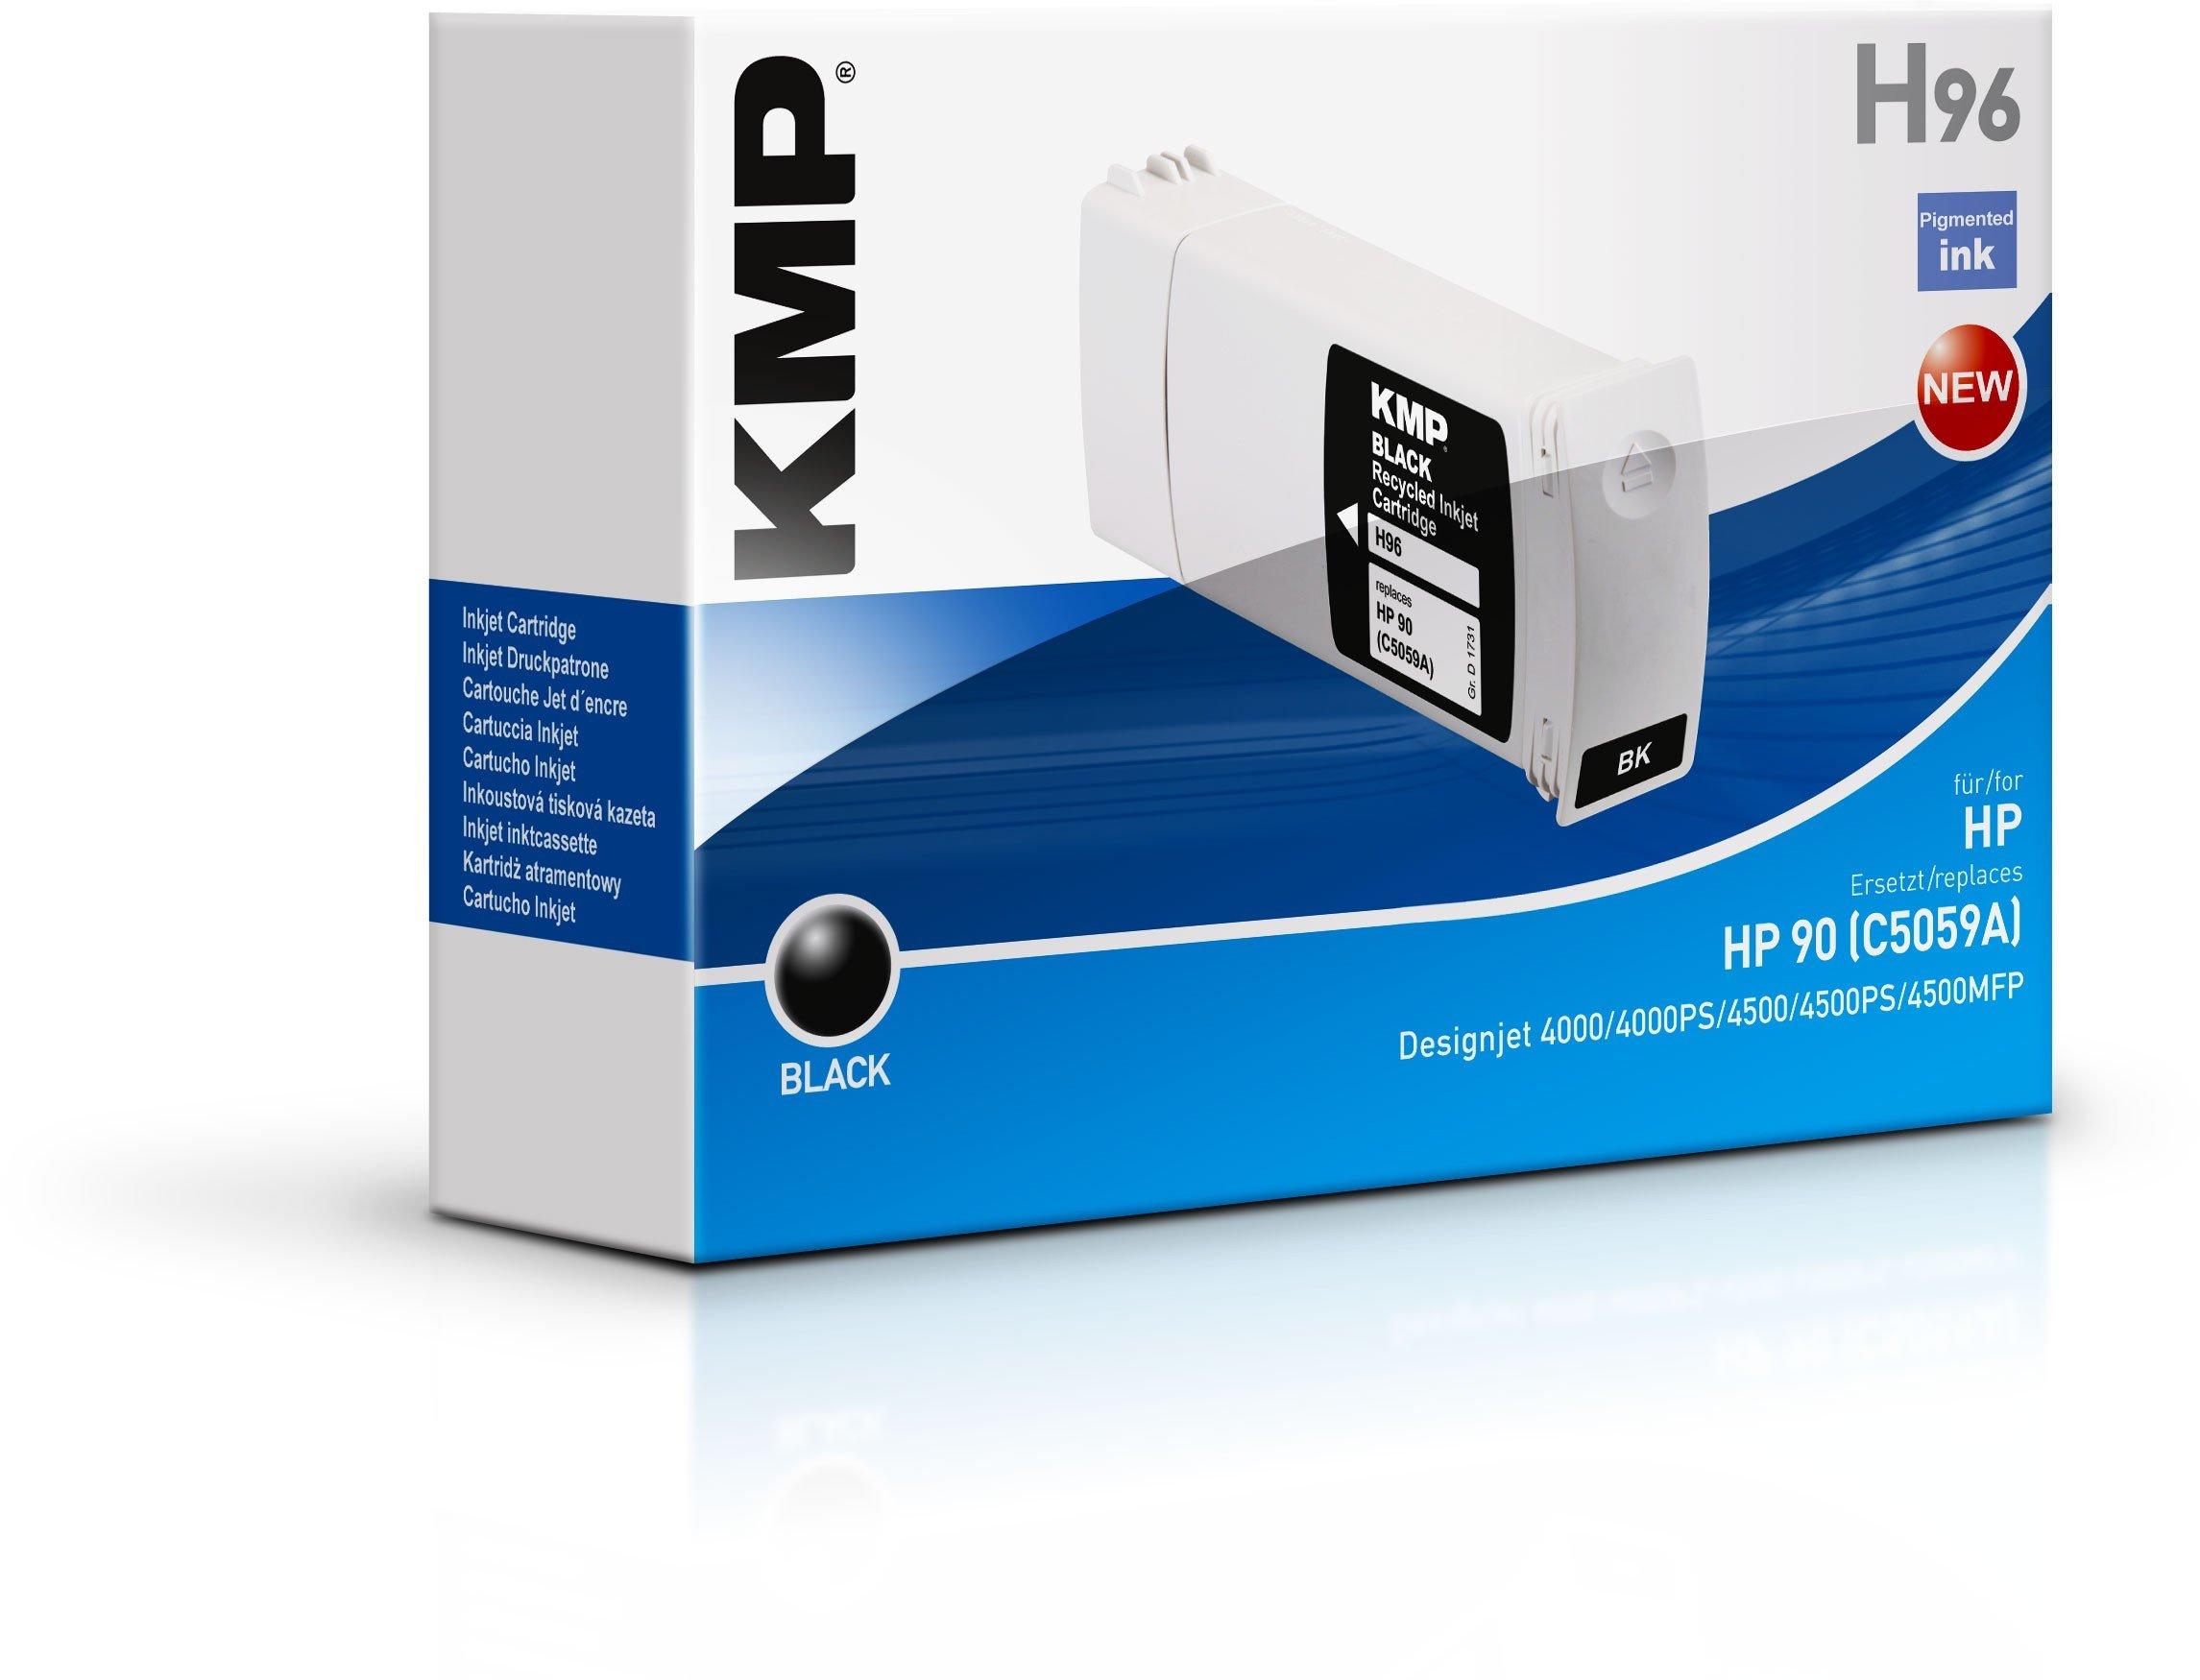 KMP 1731,4001 cartucho de tinta Negro 1 pieza(s) - Cartucho de tinta para impresoras (Tinta a base de pigmentos, Negro, HP DesignJet 4000 PS HP DesignJet 4000 Series HP DesignJet 4020 42